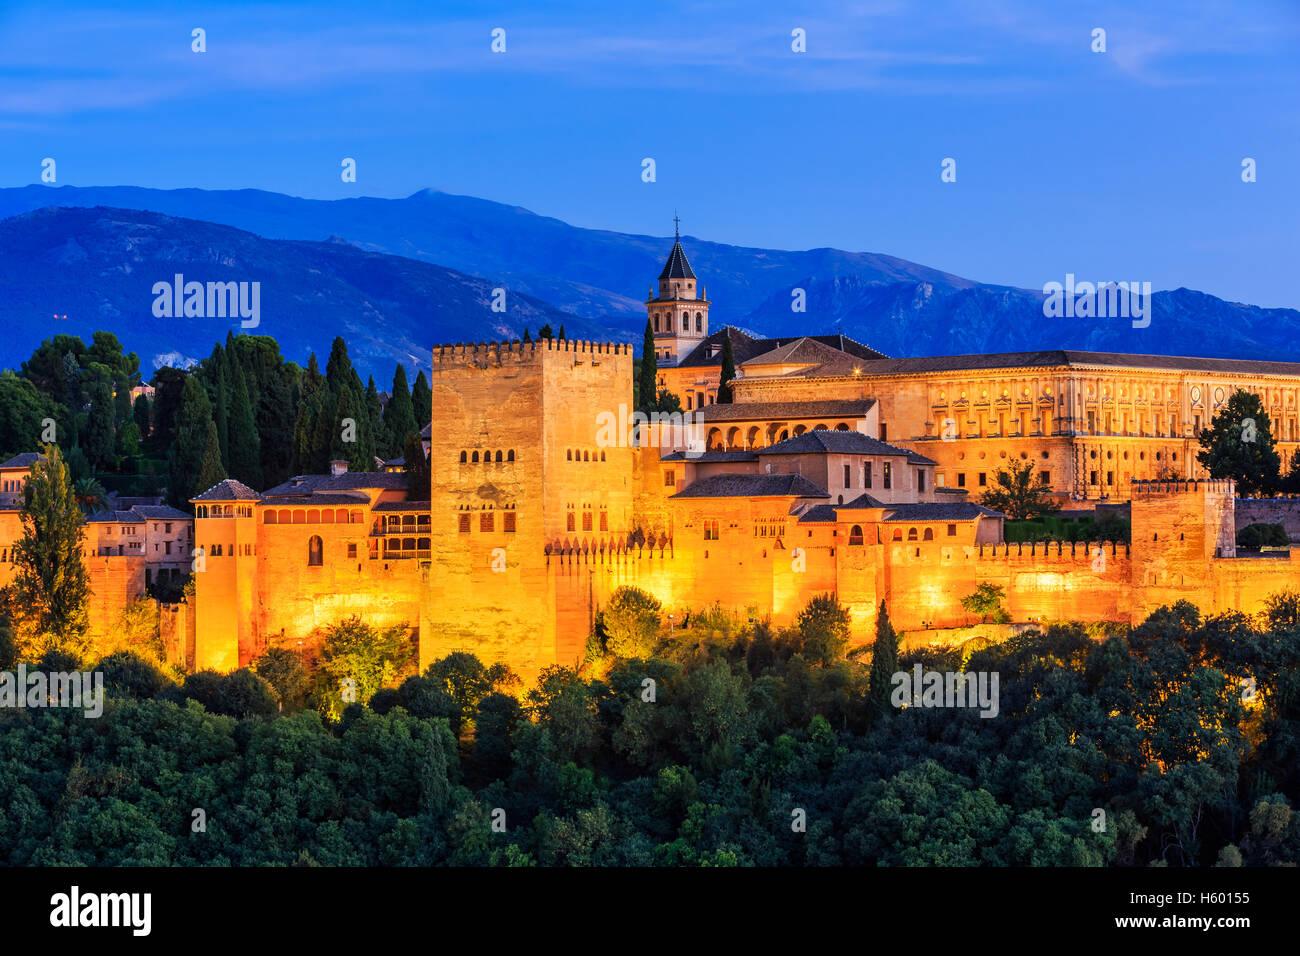 Alhambra di Granada, Spagna. Immagini Stock